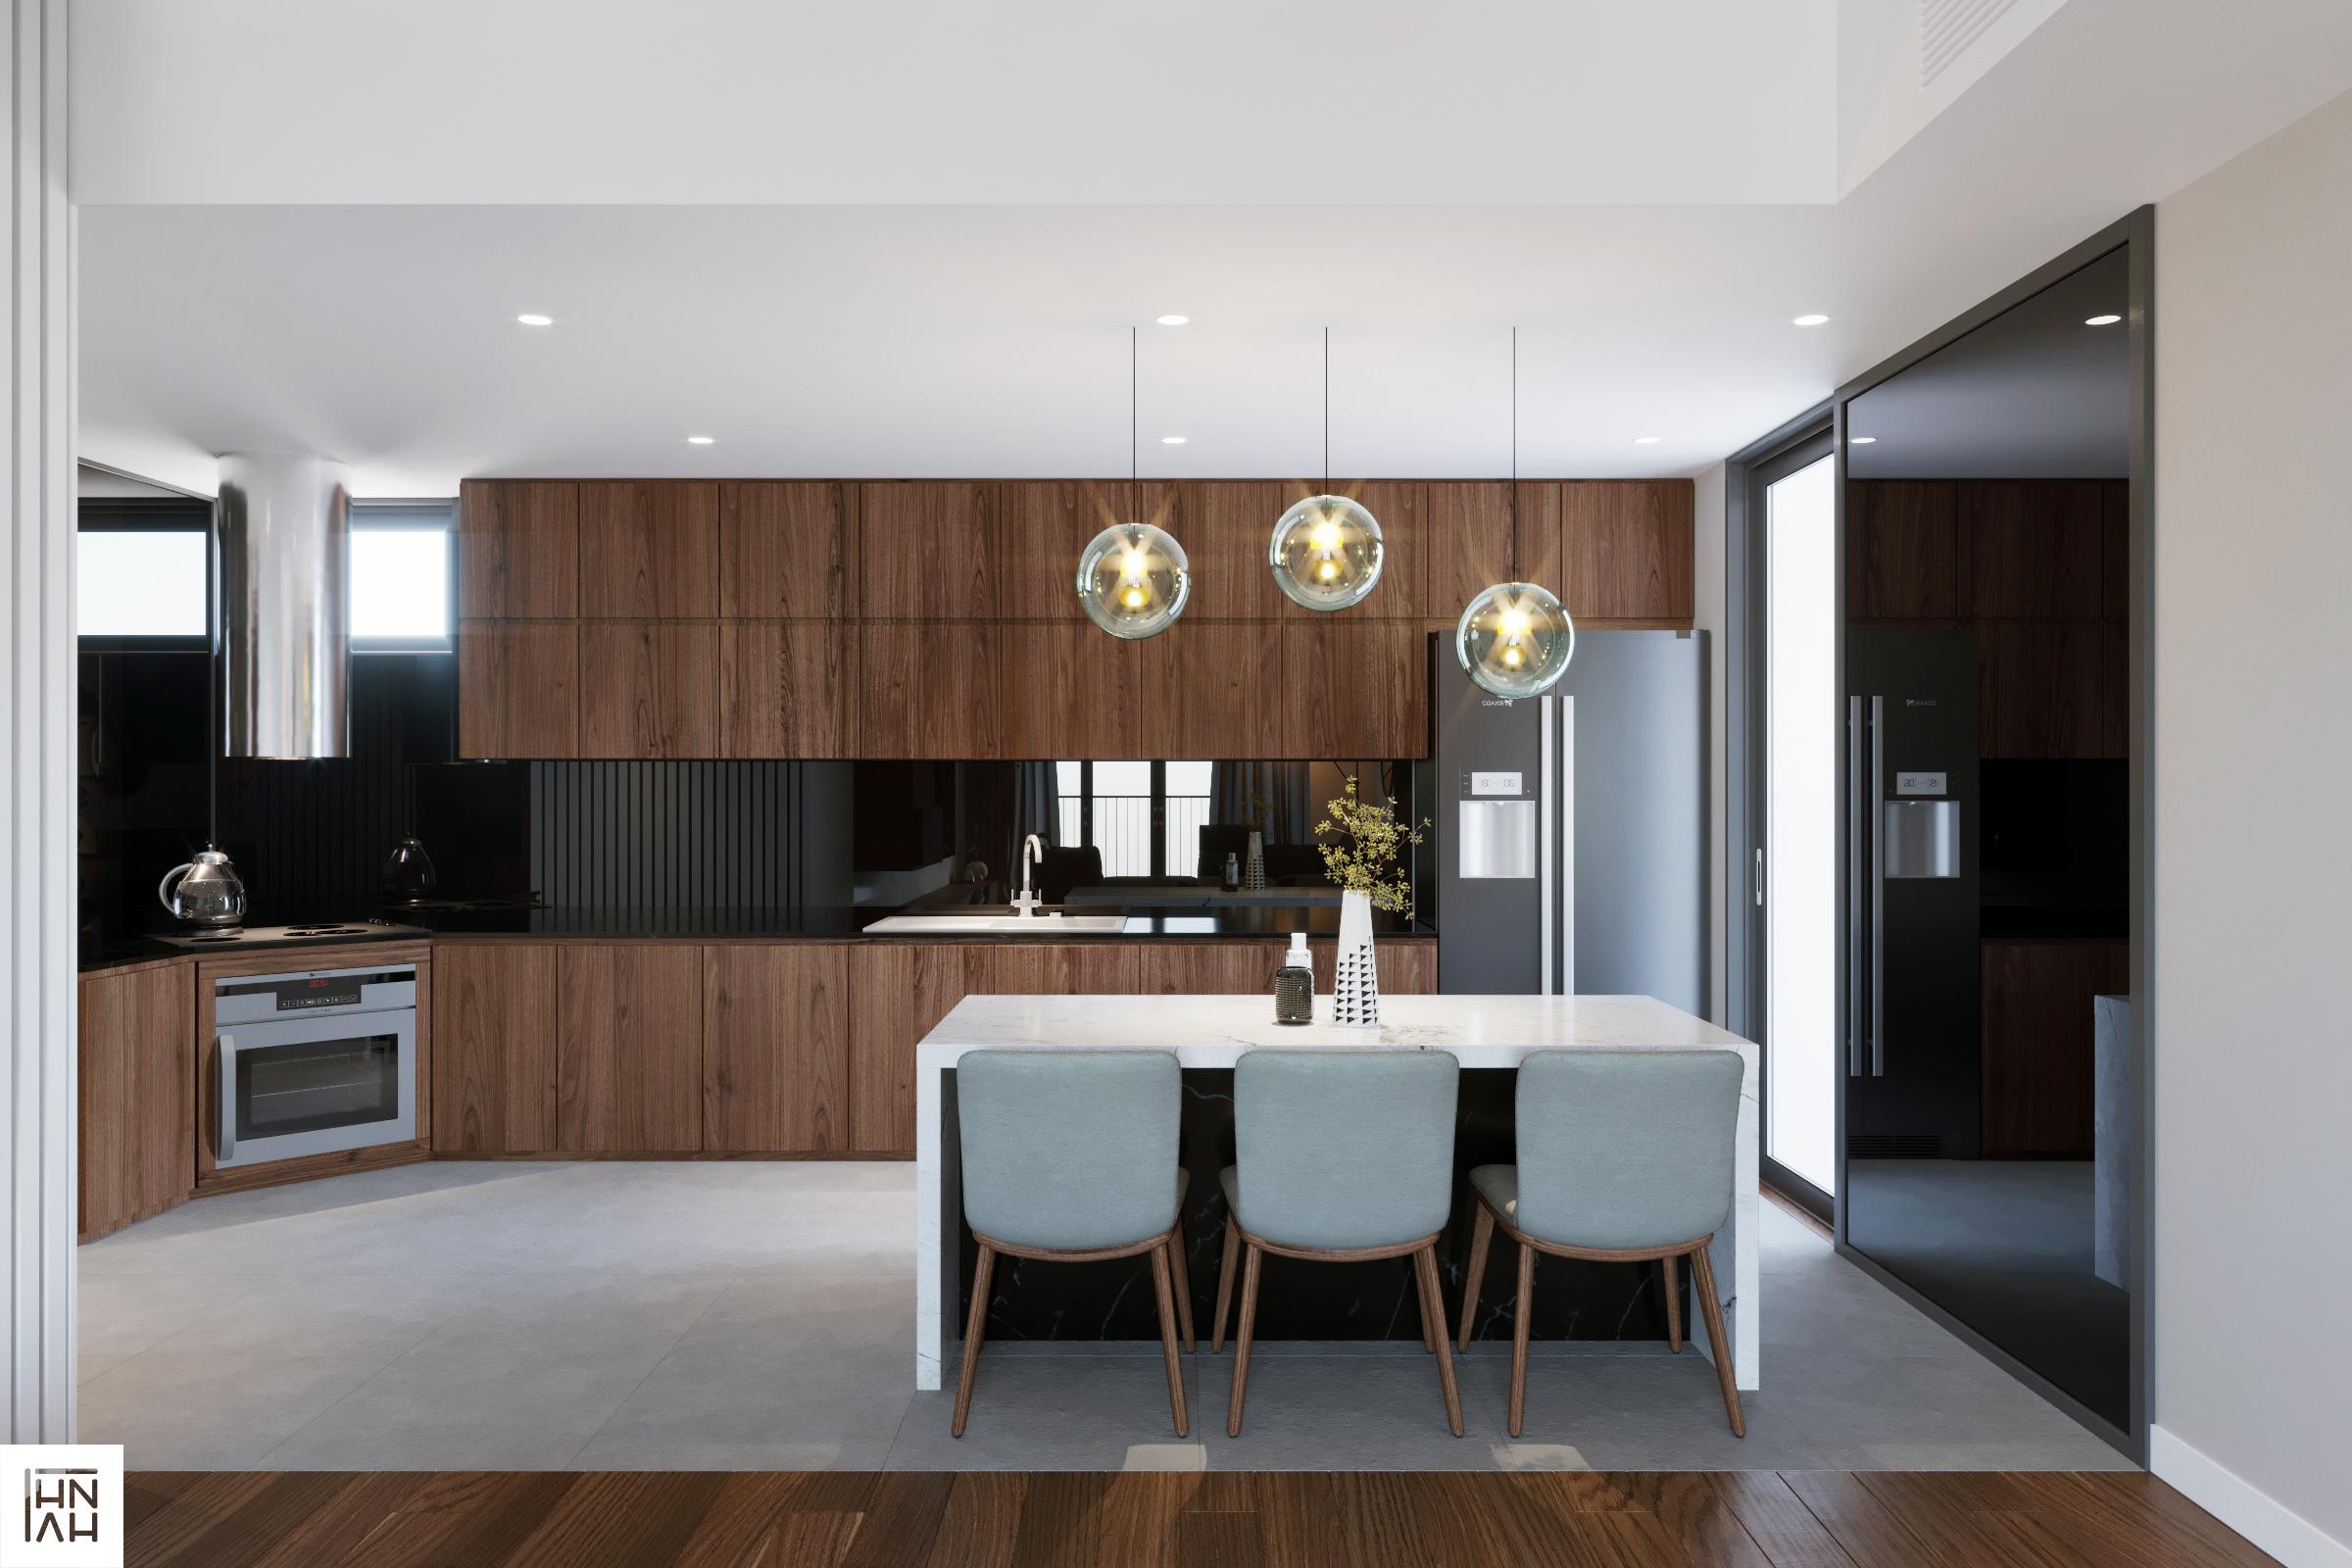 thiết kế nội thất chung cư tại Hà Nội Cuc. Apartment 4 1566896397